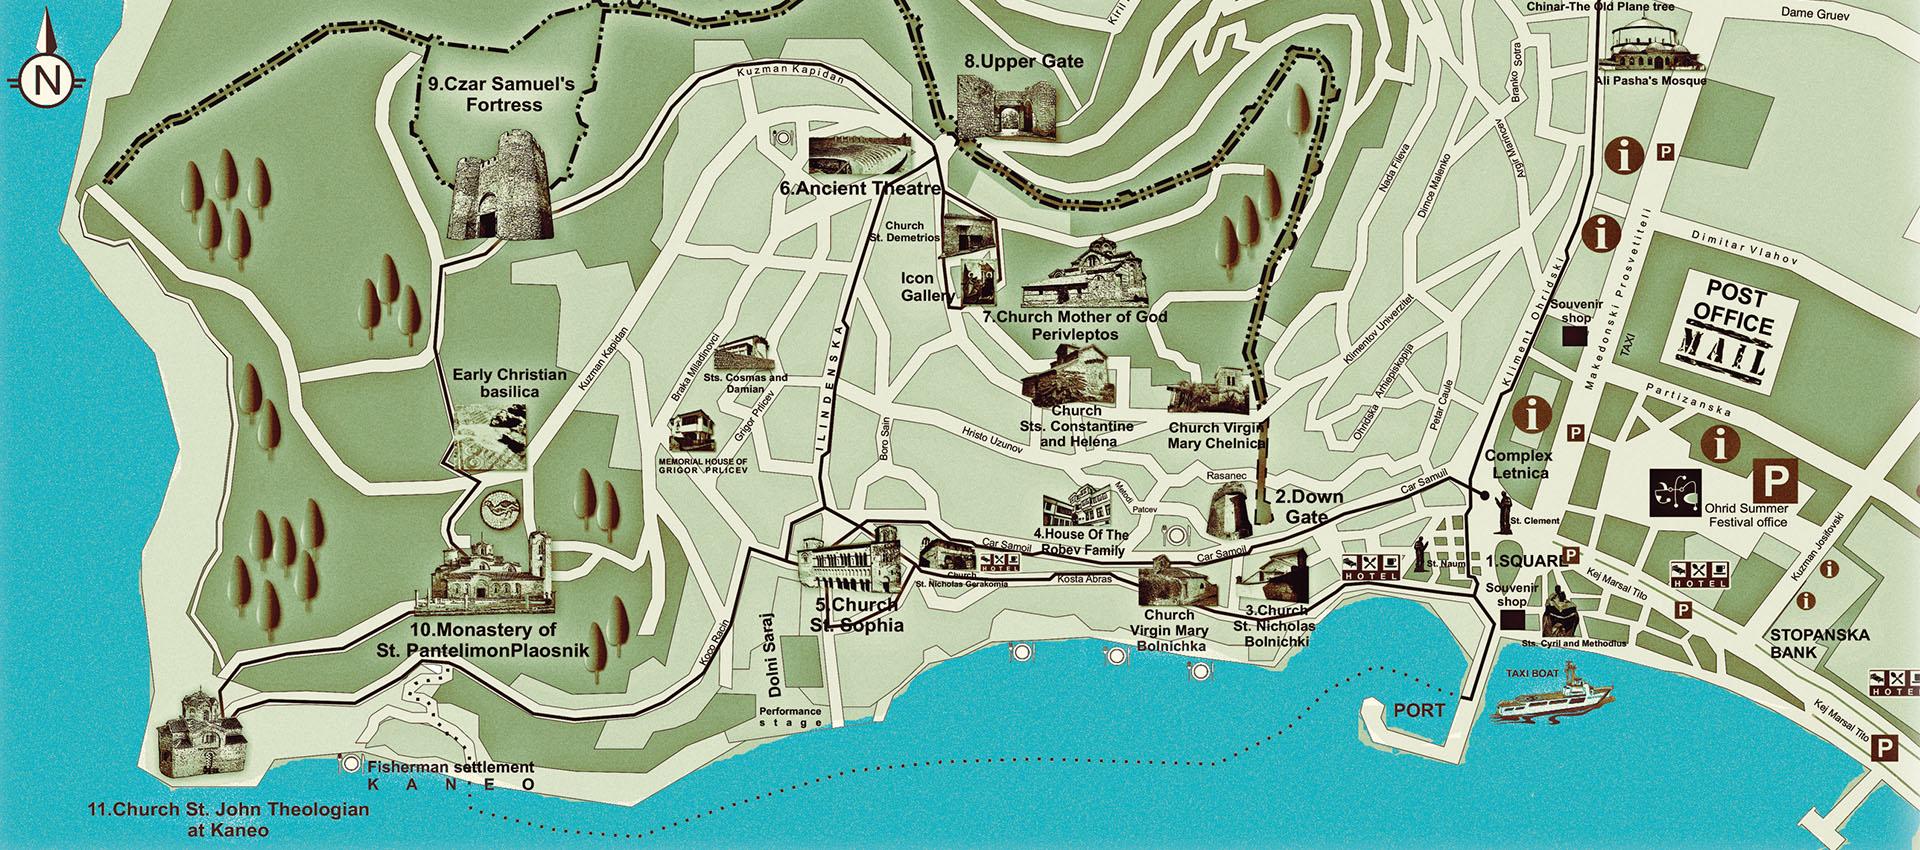 Mapa de los lugares de interés en la ciudad de Ohrid